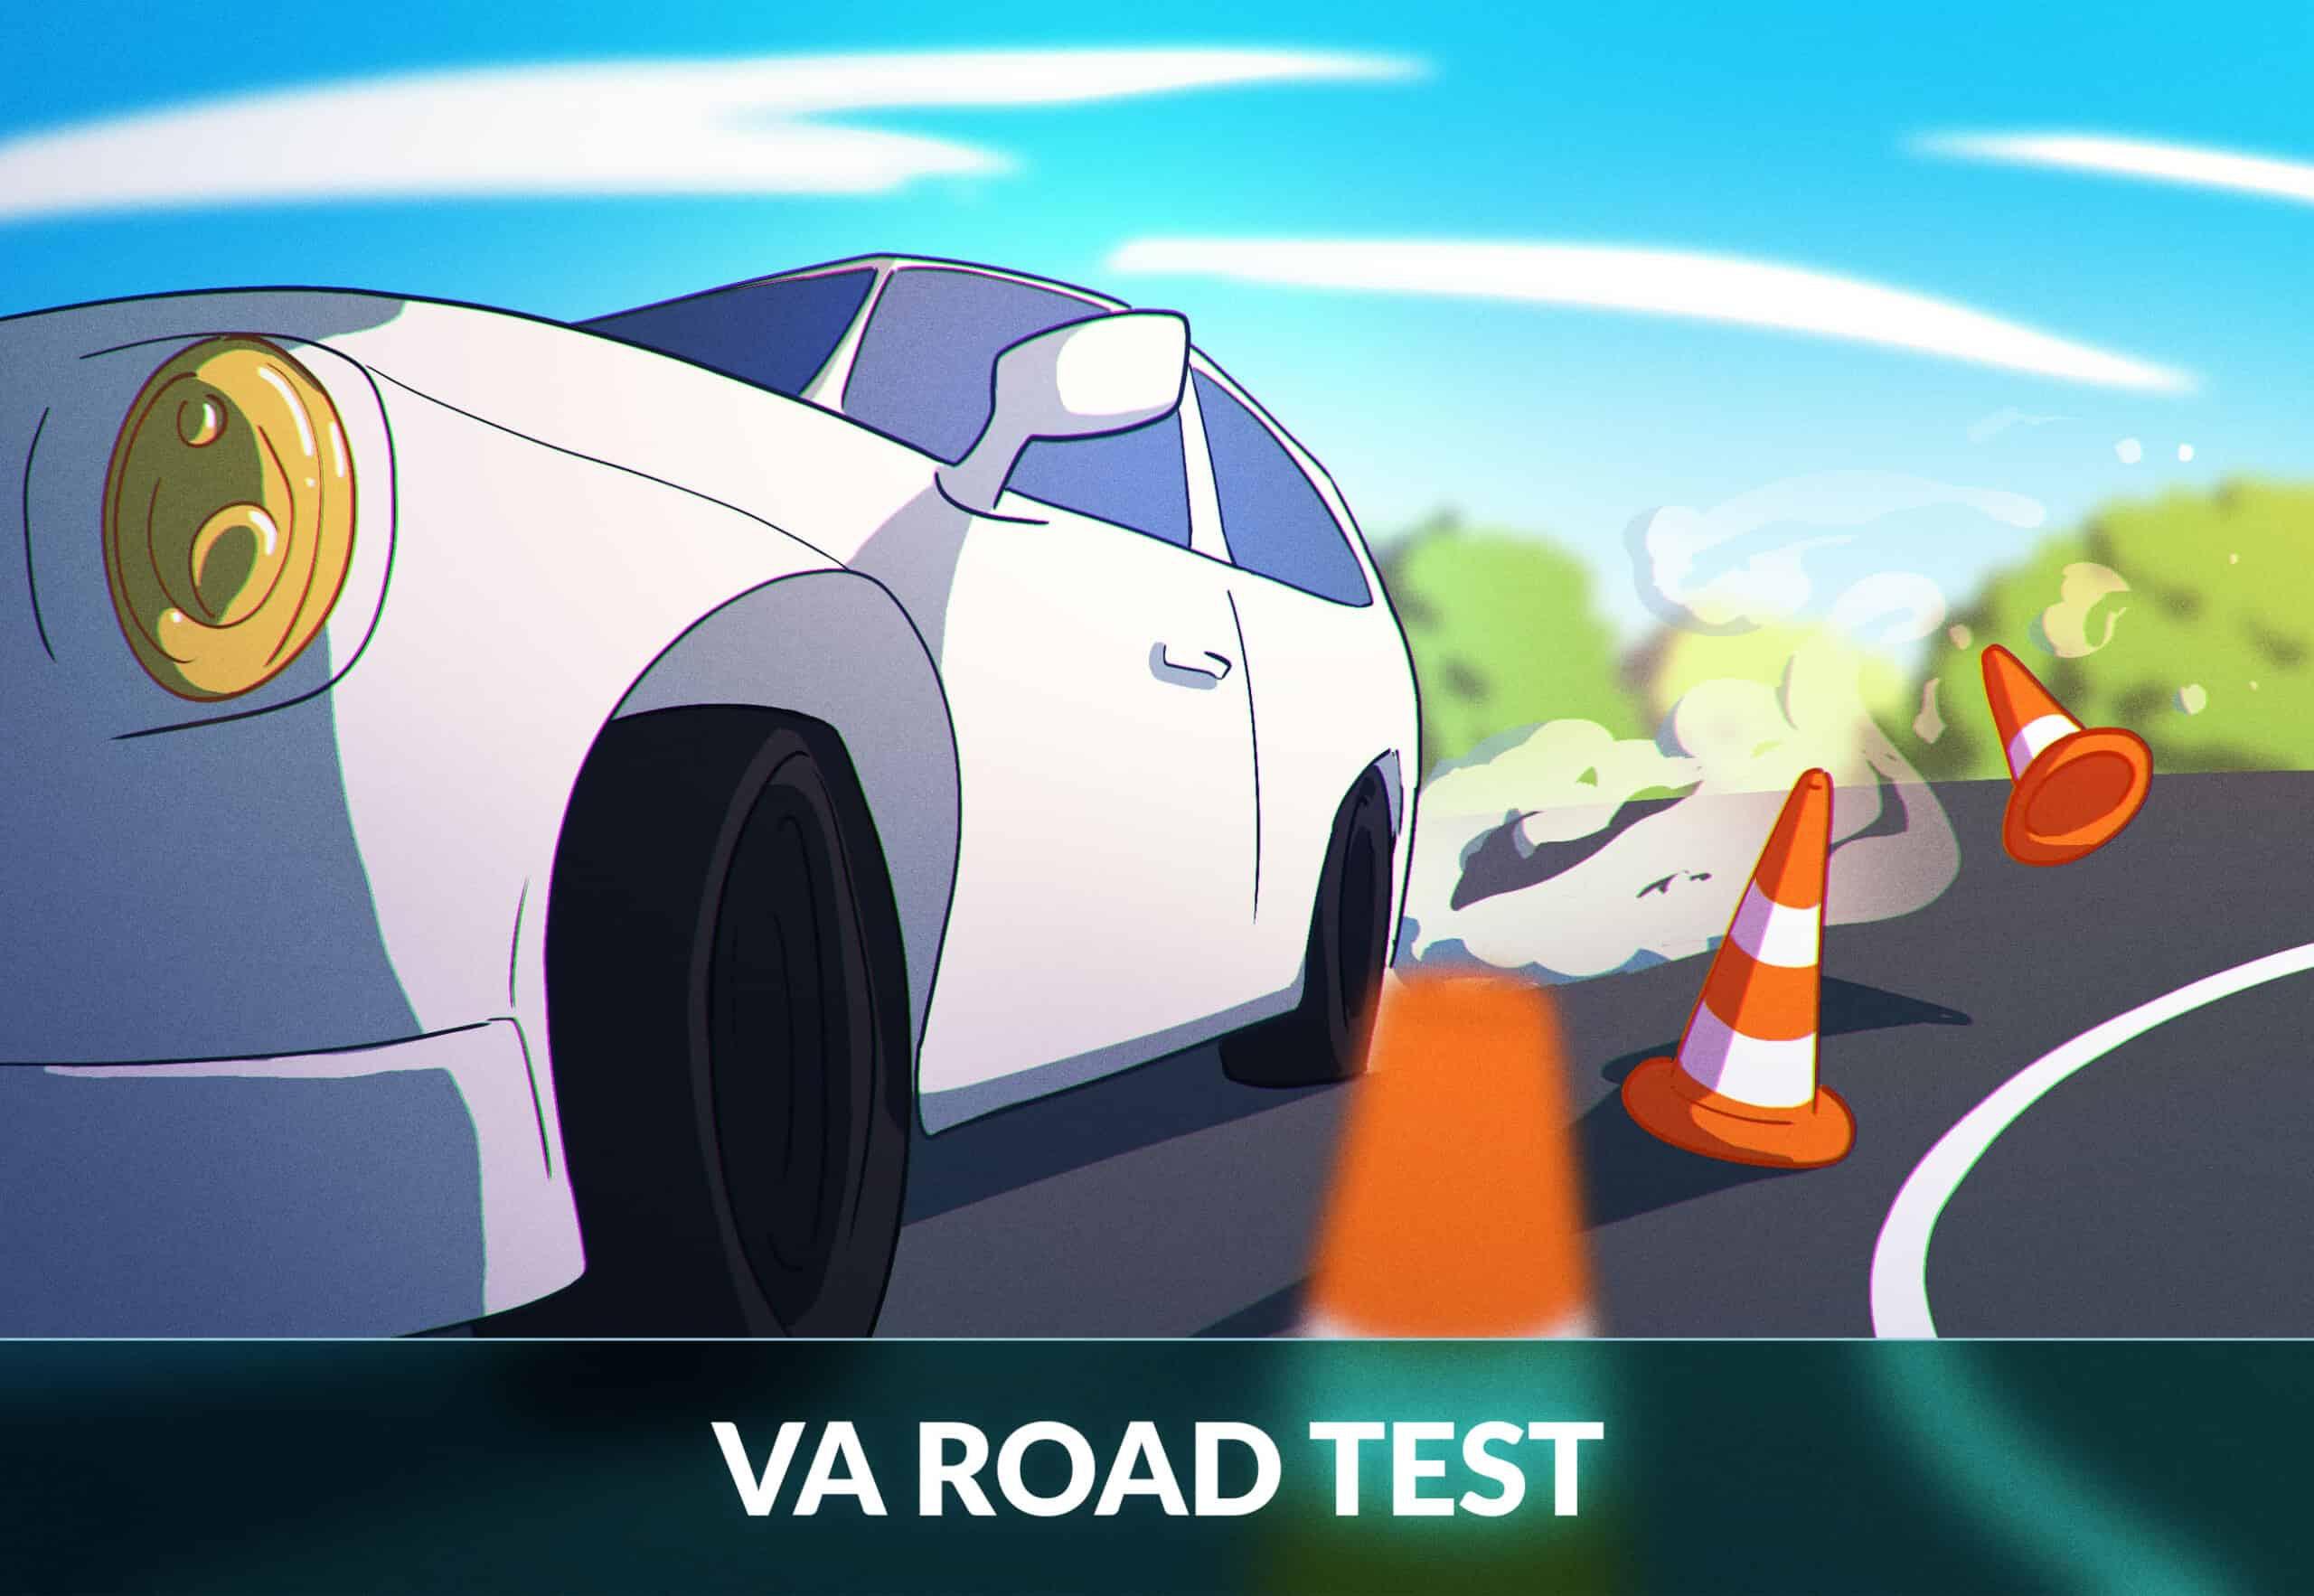 Virginia Road Test